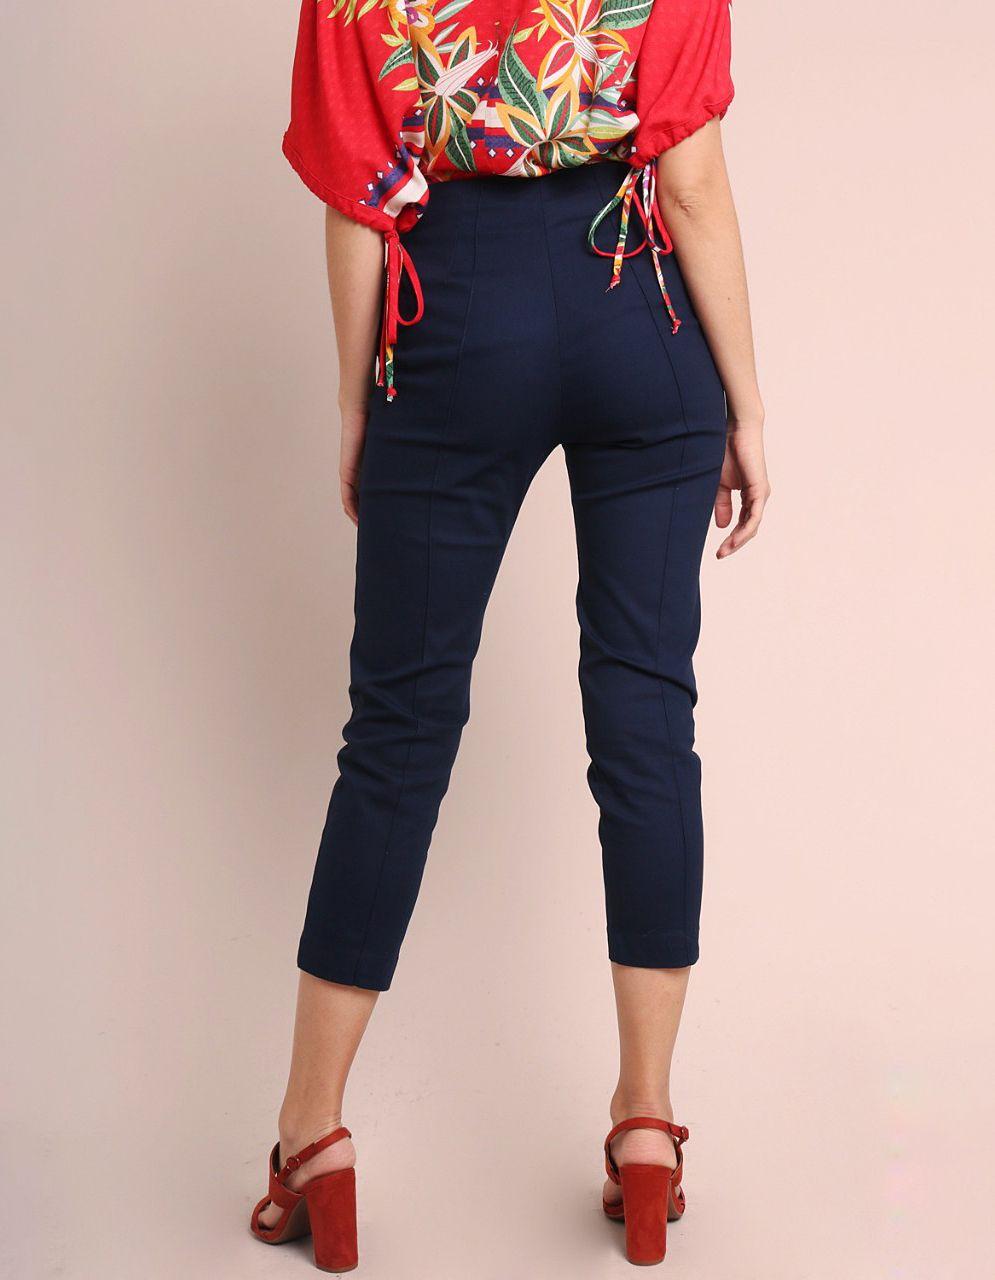 Pantalón Capri algodón marrón, azul oscuro o gris, cremallera frontal y bolsillos laterales Malagueta-72143MAL-B